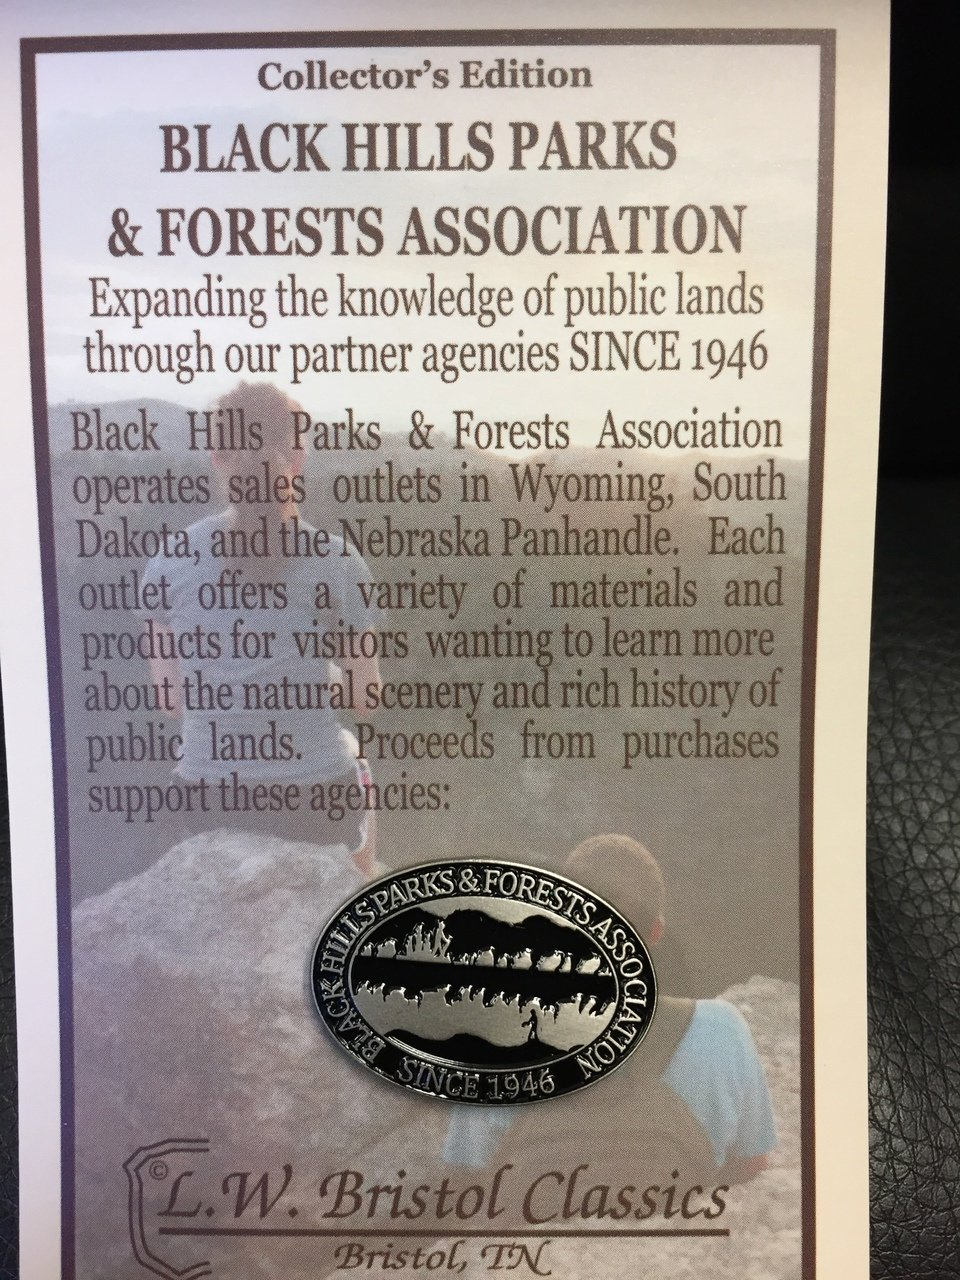 Black Hills Parks & Forests Association pin or hiking medallion